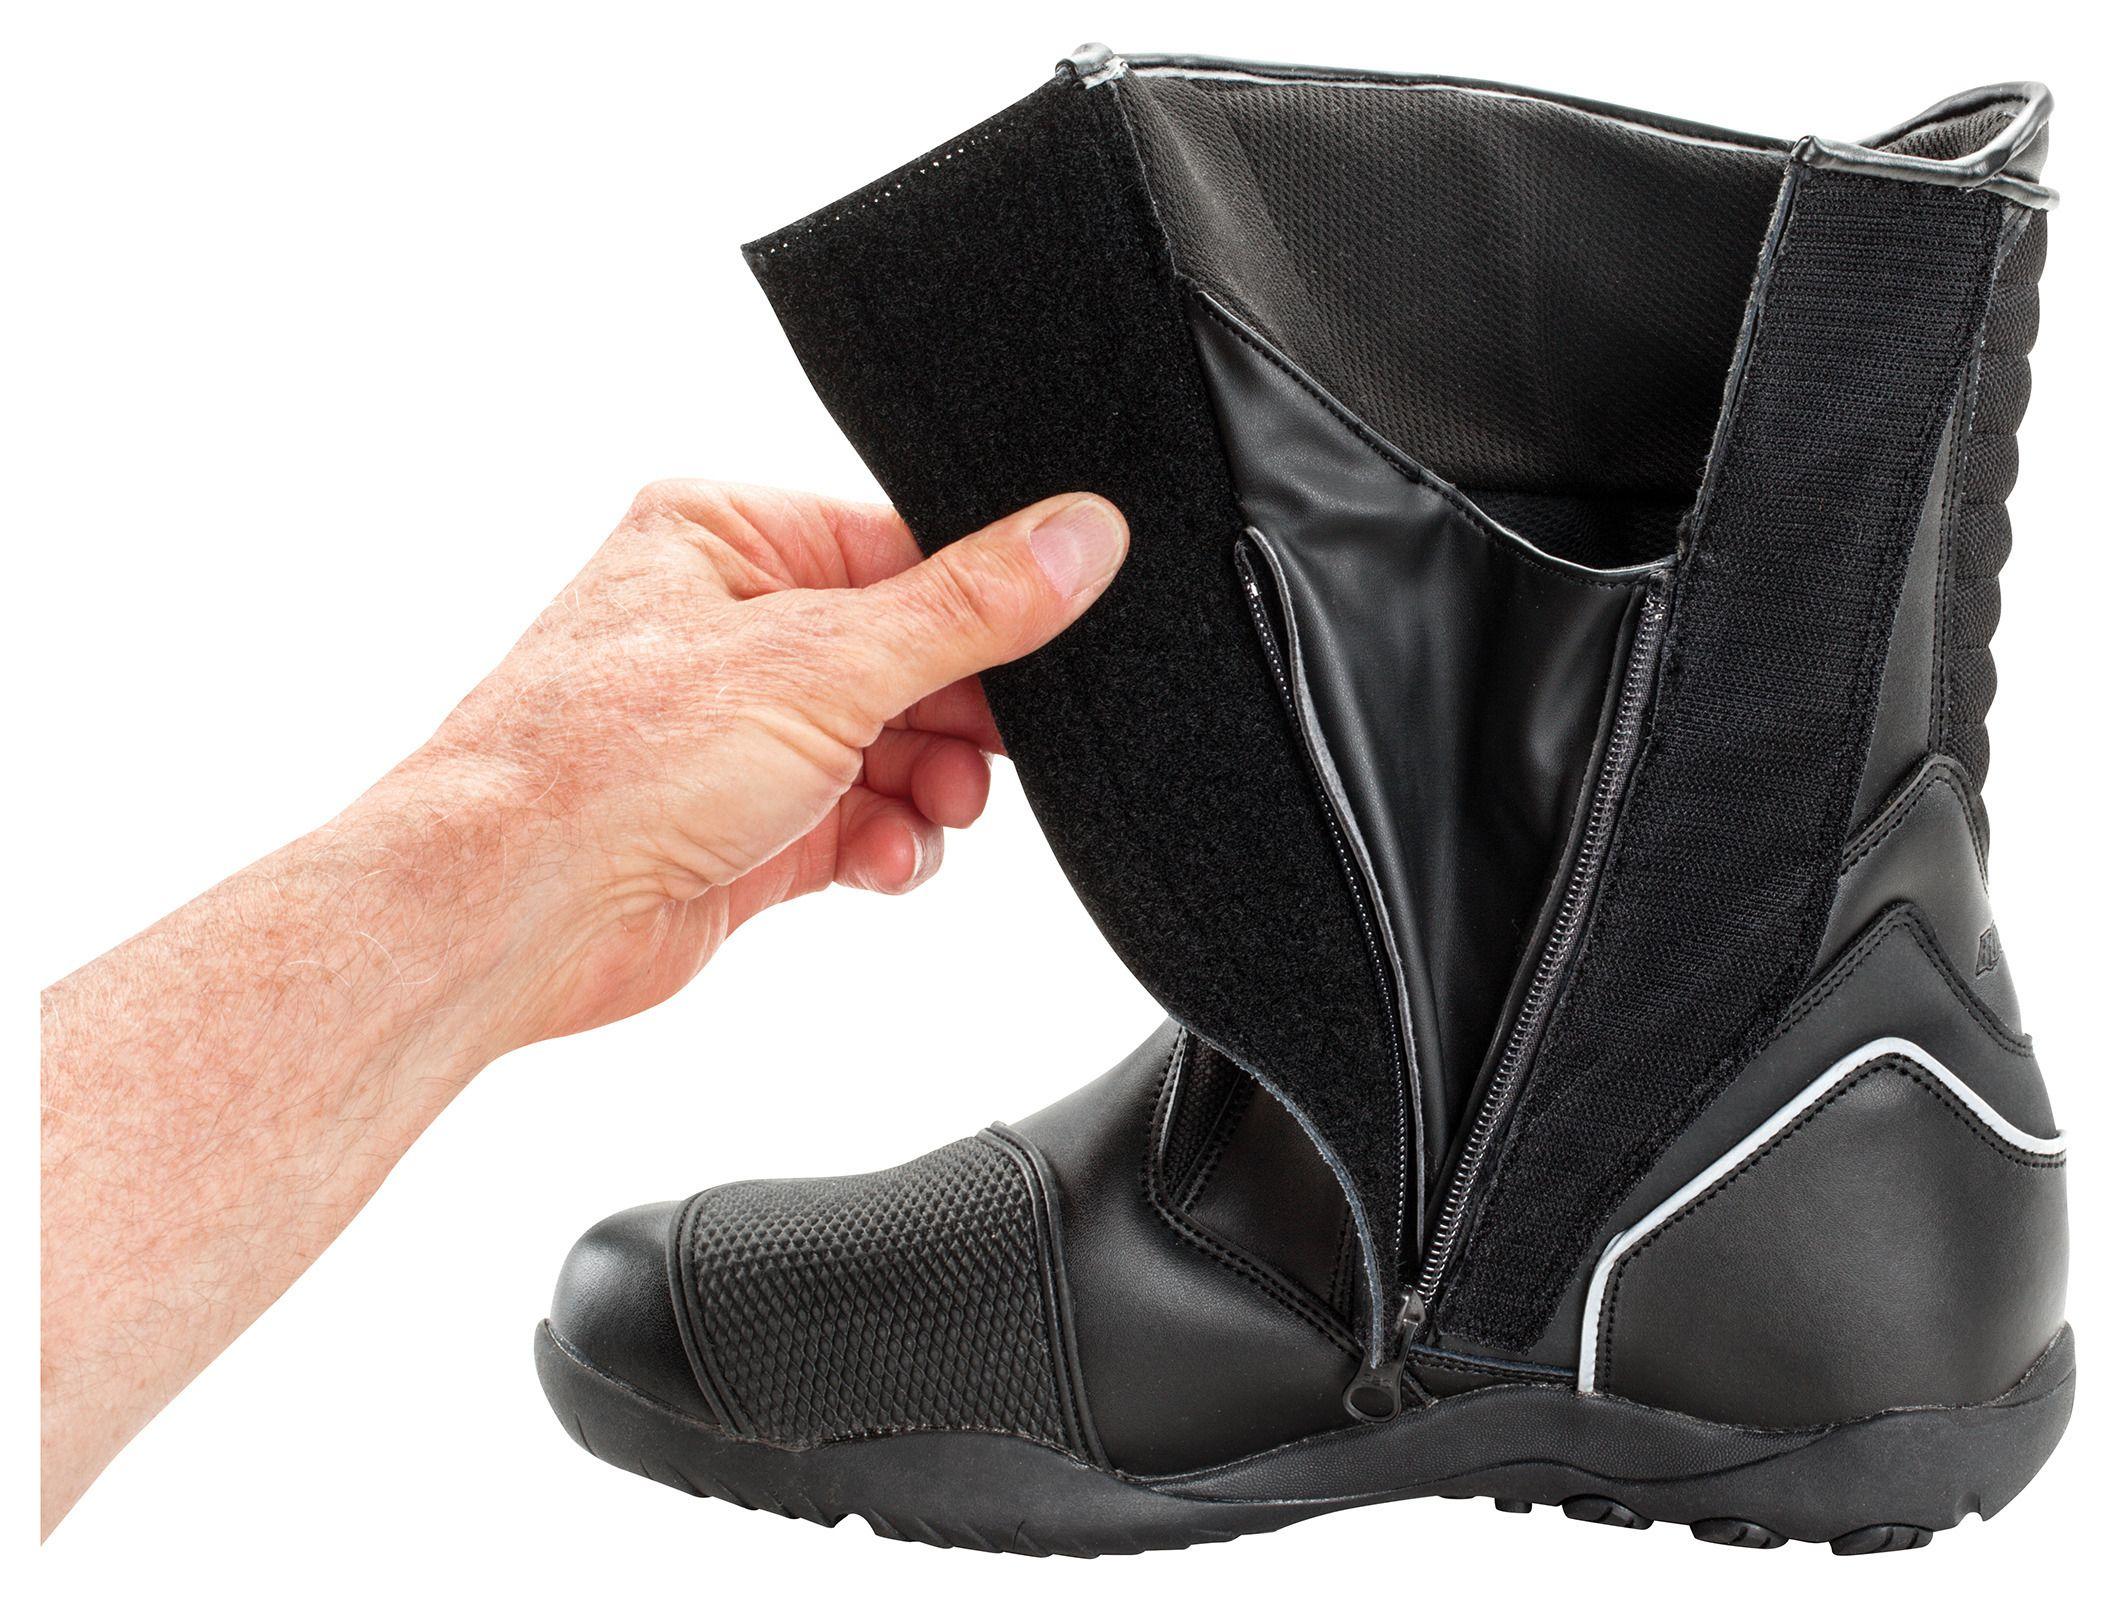 44822e78701 Joe Rocket Meteor FX Boots